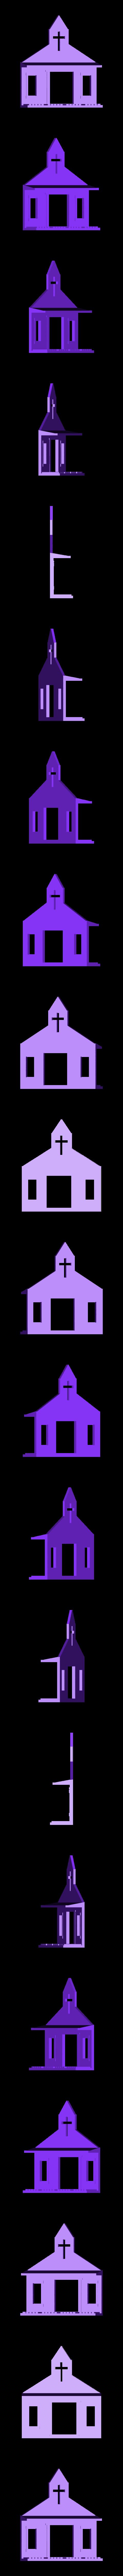 WT_Church.stl Download free STL file Western Town • 3D print model, mrhers2